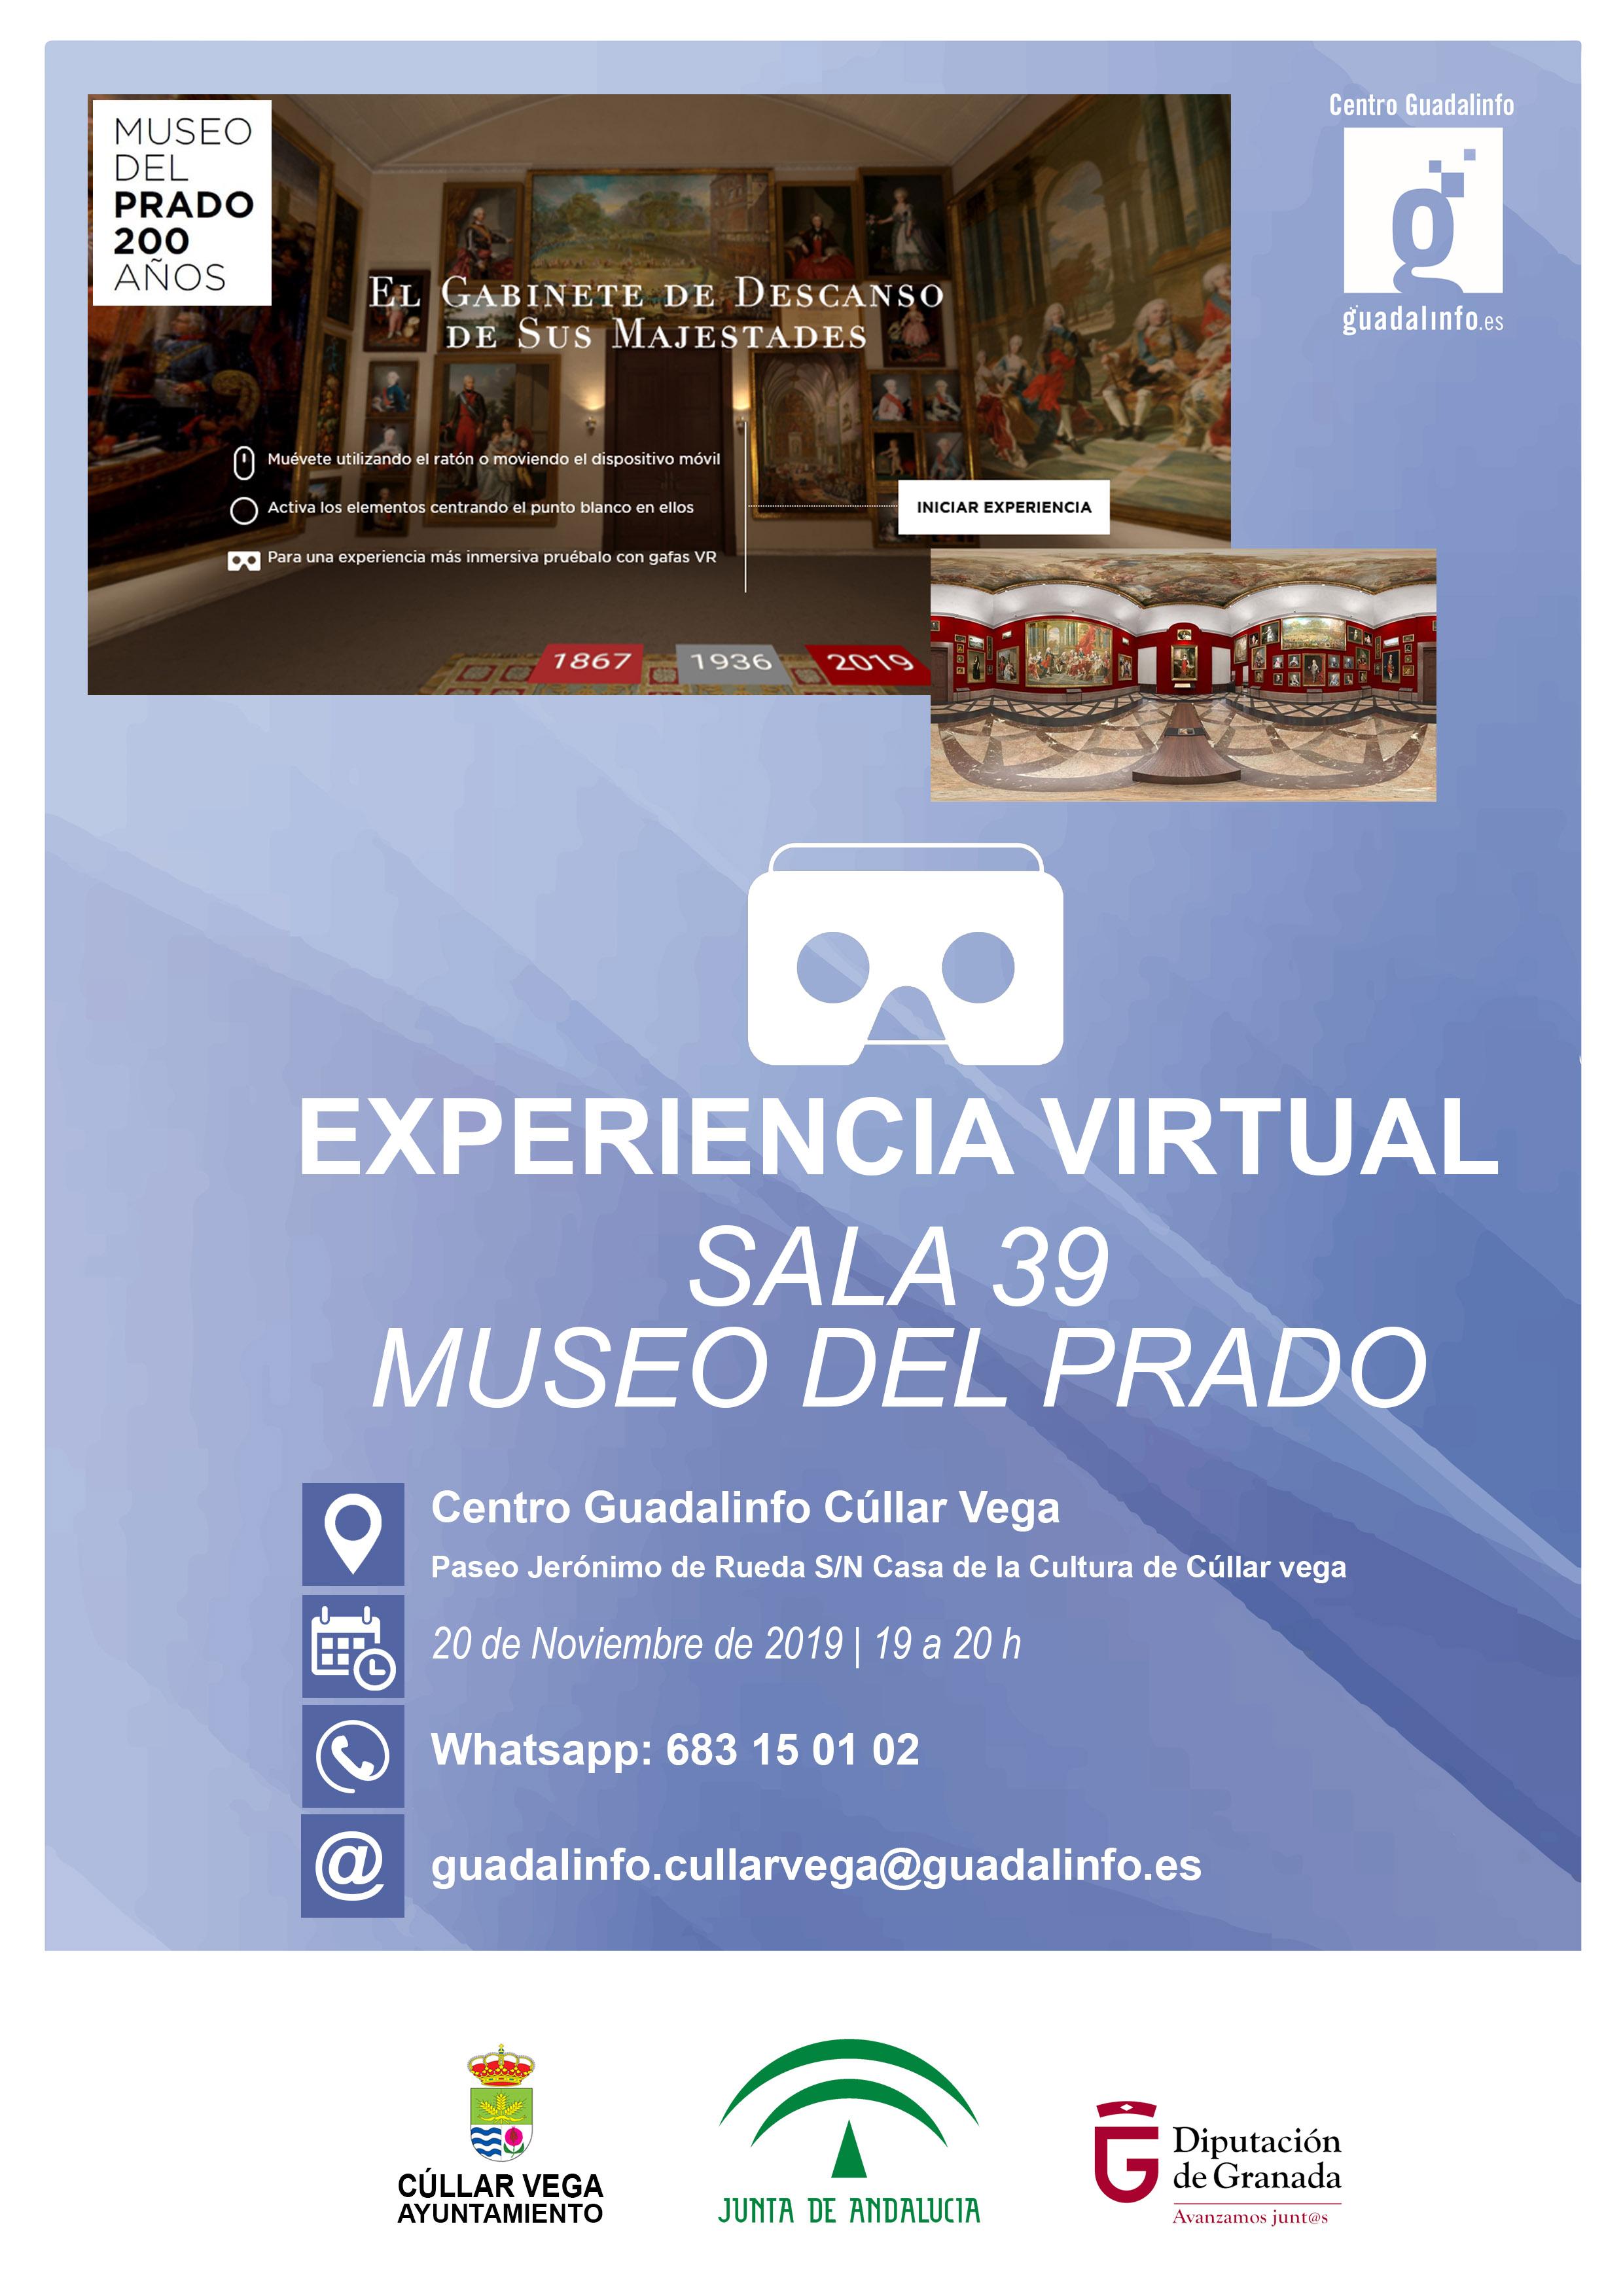 Experiencia virtual sala 39 de El Prado en Guadalinfo